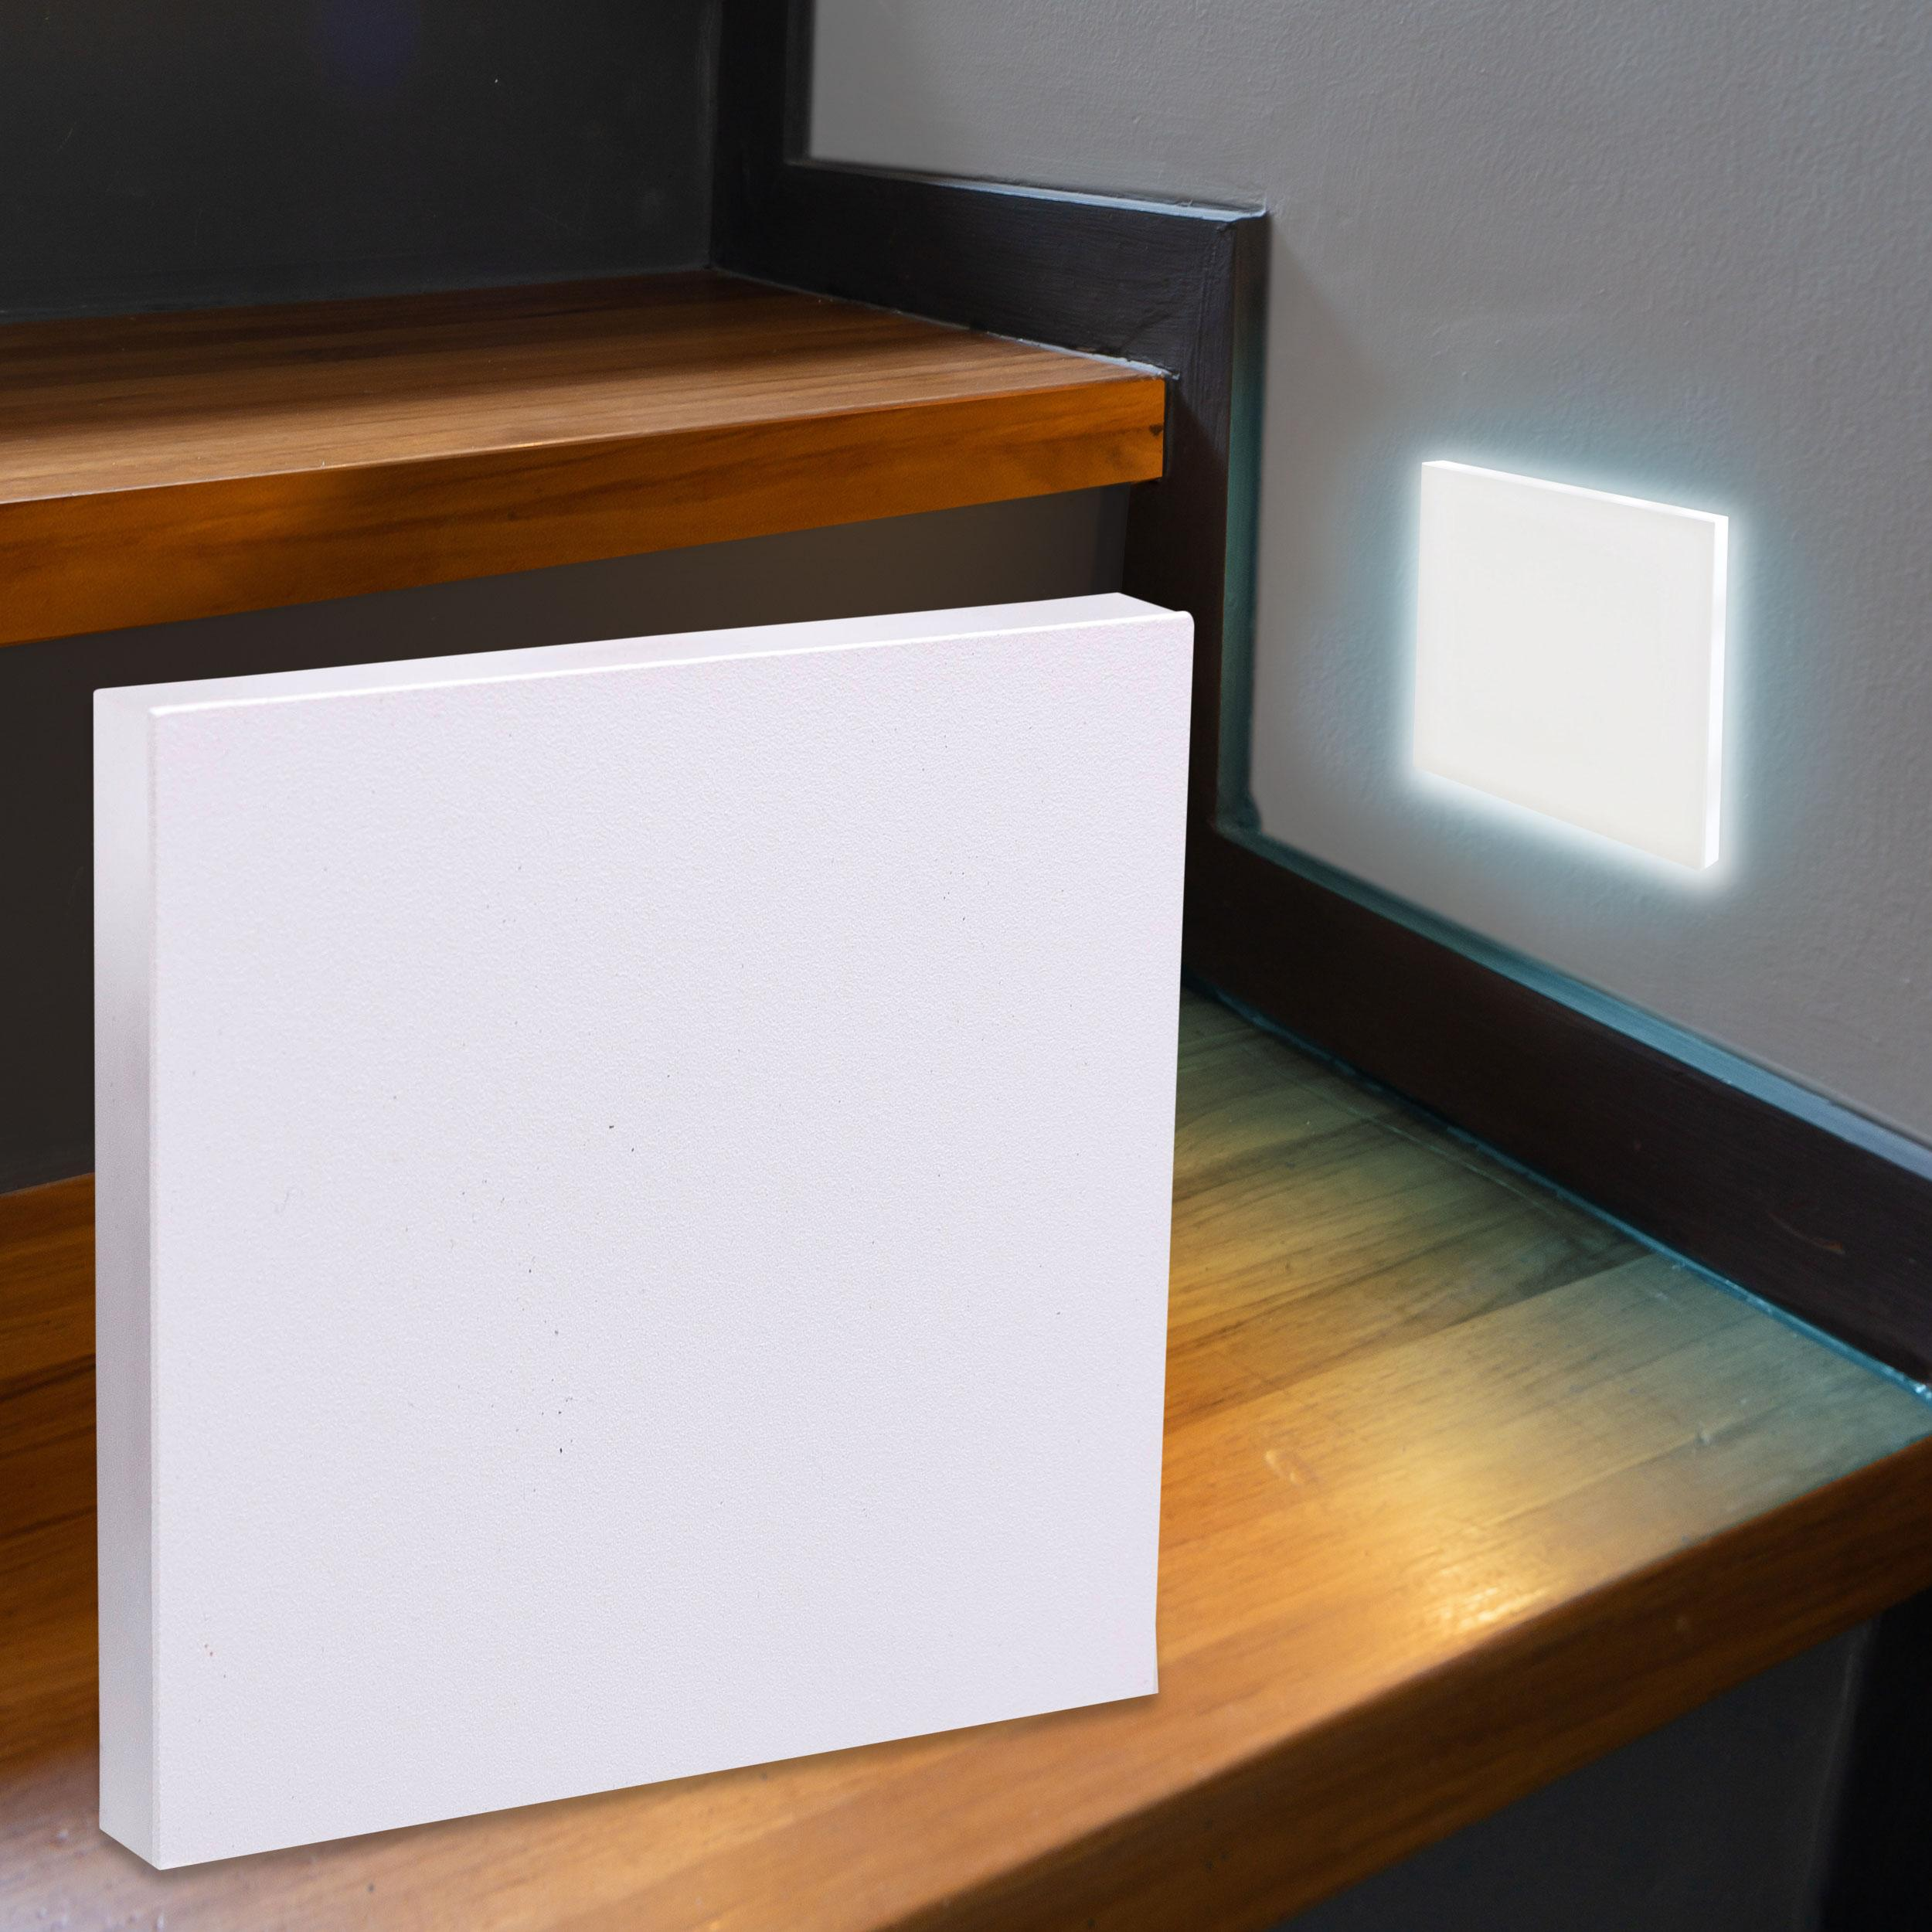 LED Treppenbeleuchtung Wandeinbauleuchte Kaltweiß 230V 1.5W weiß Lichtaustritt seitlich